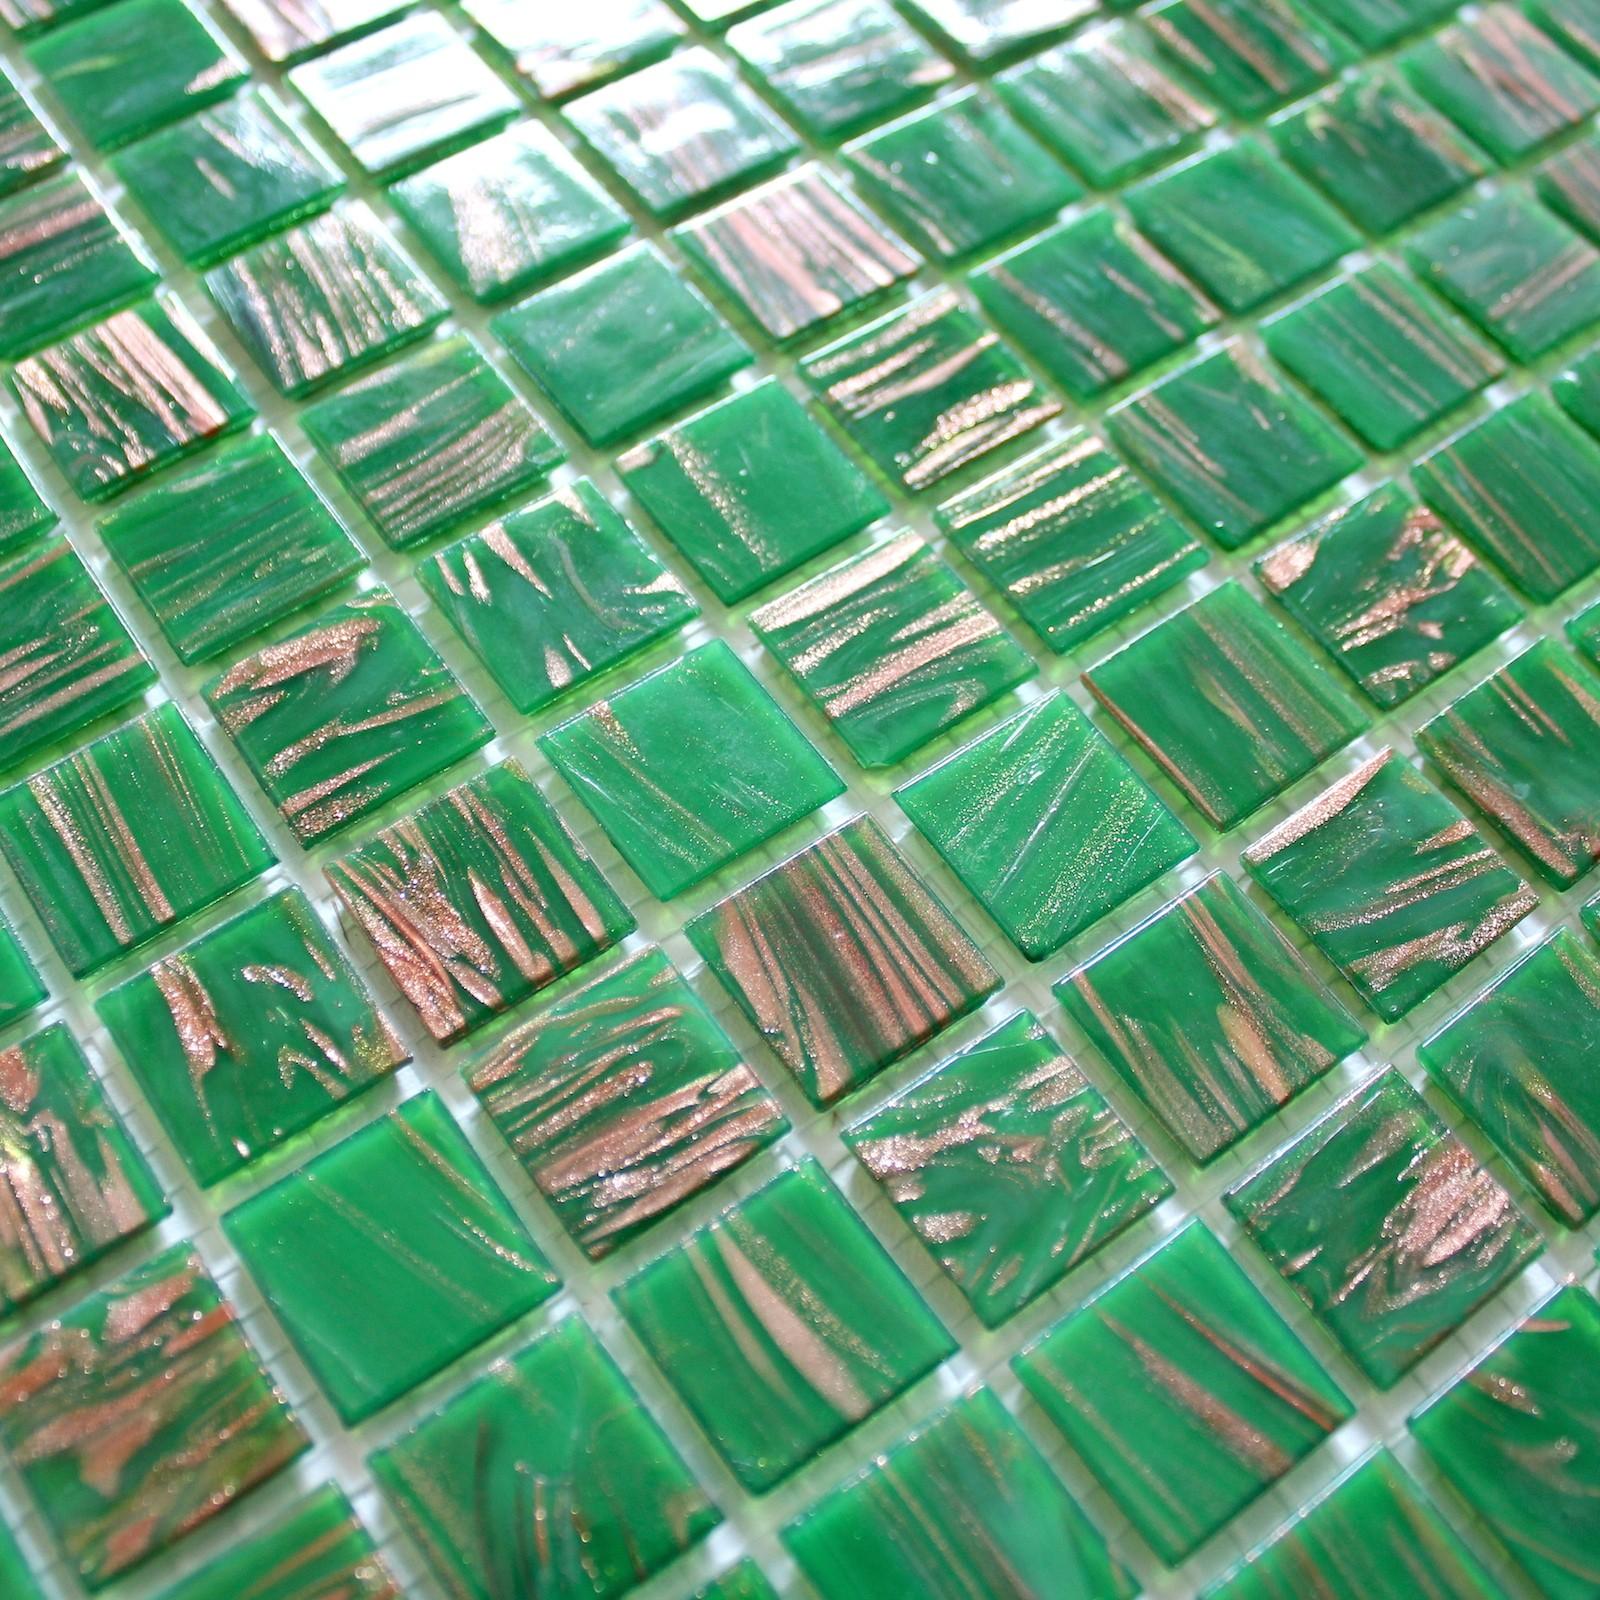 Mosaique Pate De Verre Piscine Hammam Vitro Vert 1m2 Carrelage